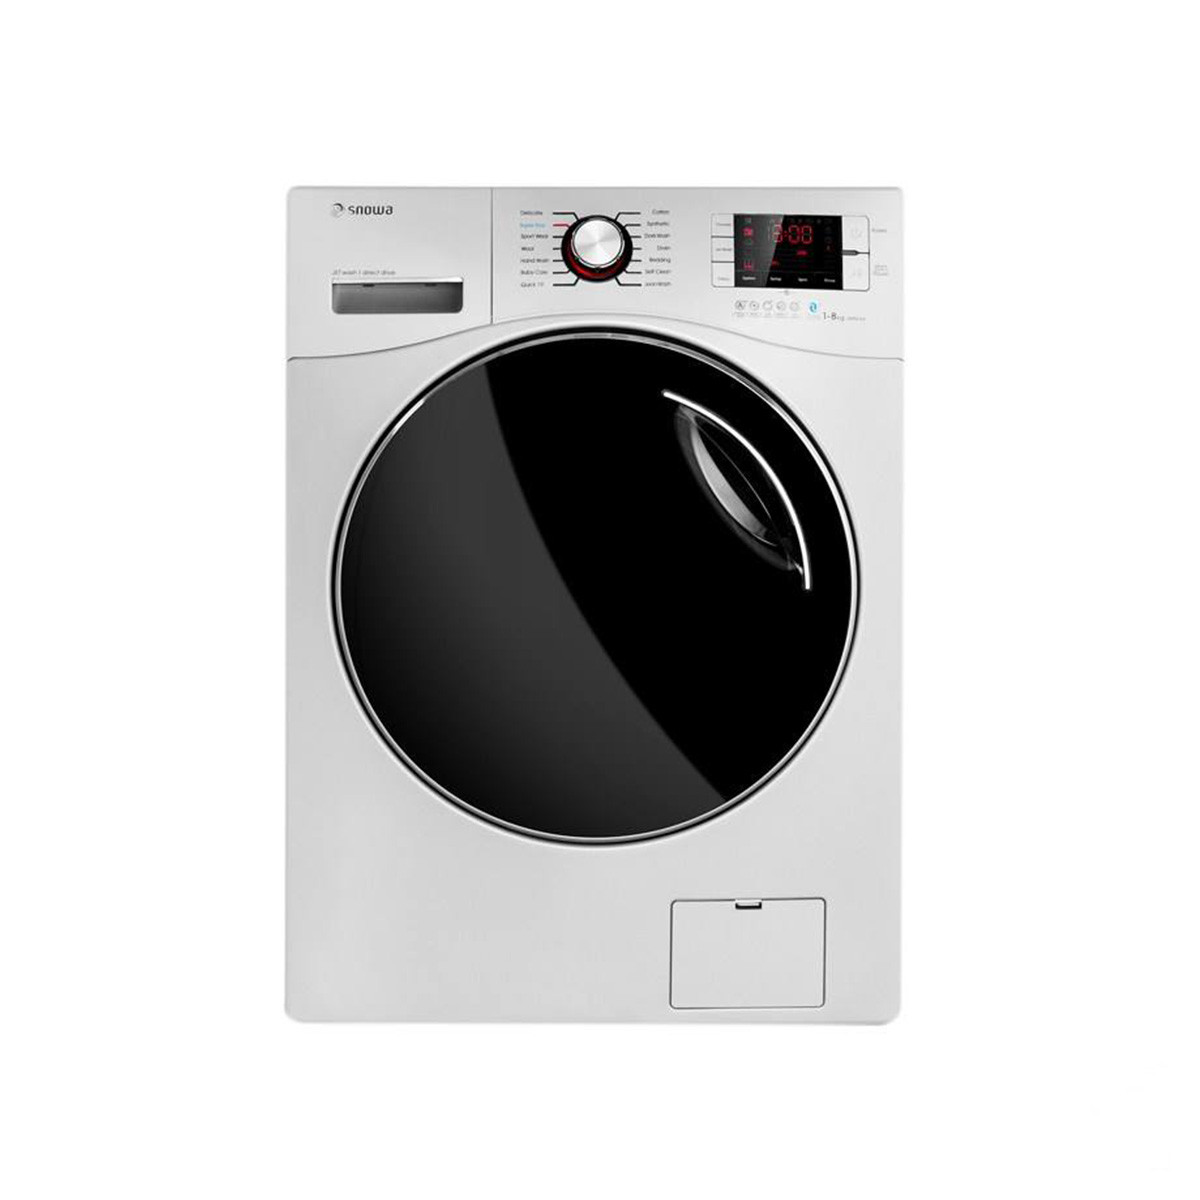 عکس ماشین لباسشویی درب از جلو اسنوا Snowa SWD-Octa - 8Kg ماشین-لباسشویی-درب-از-جلو-اسنوا